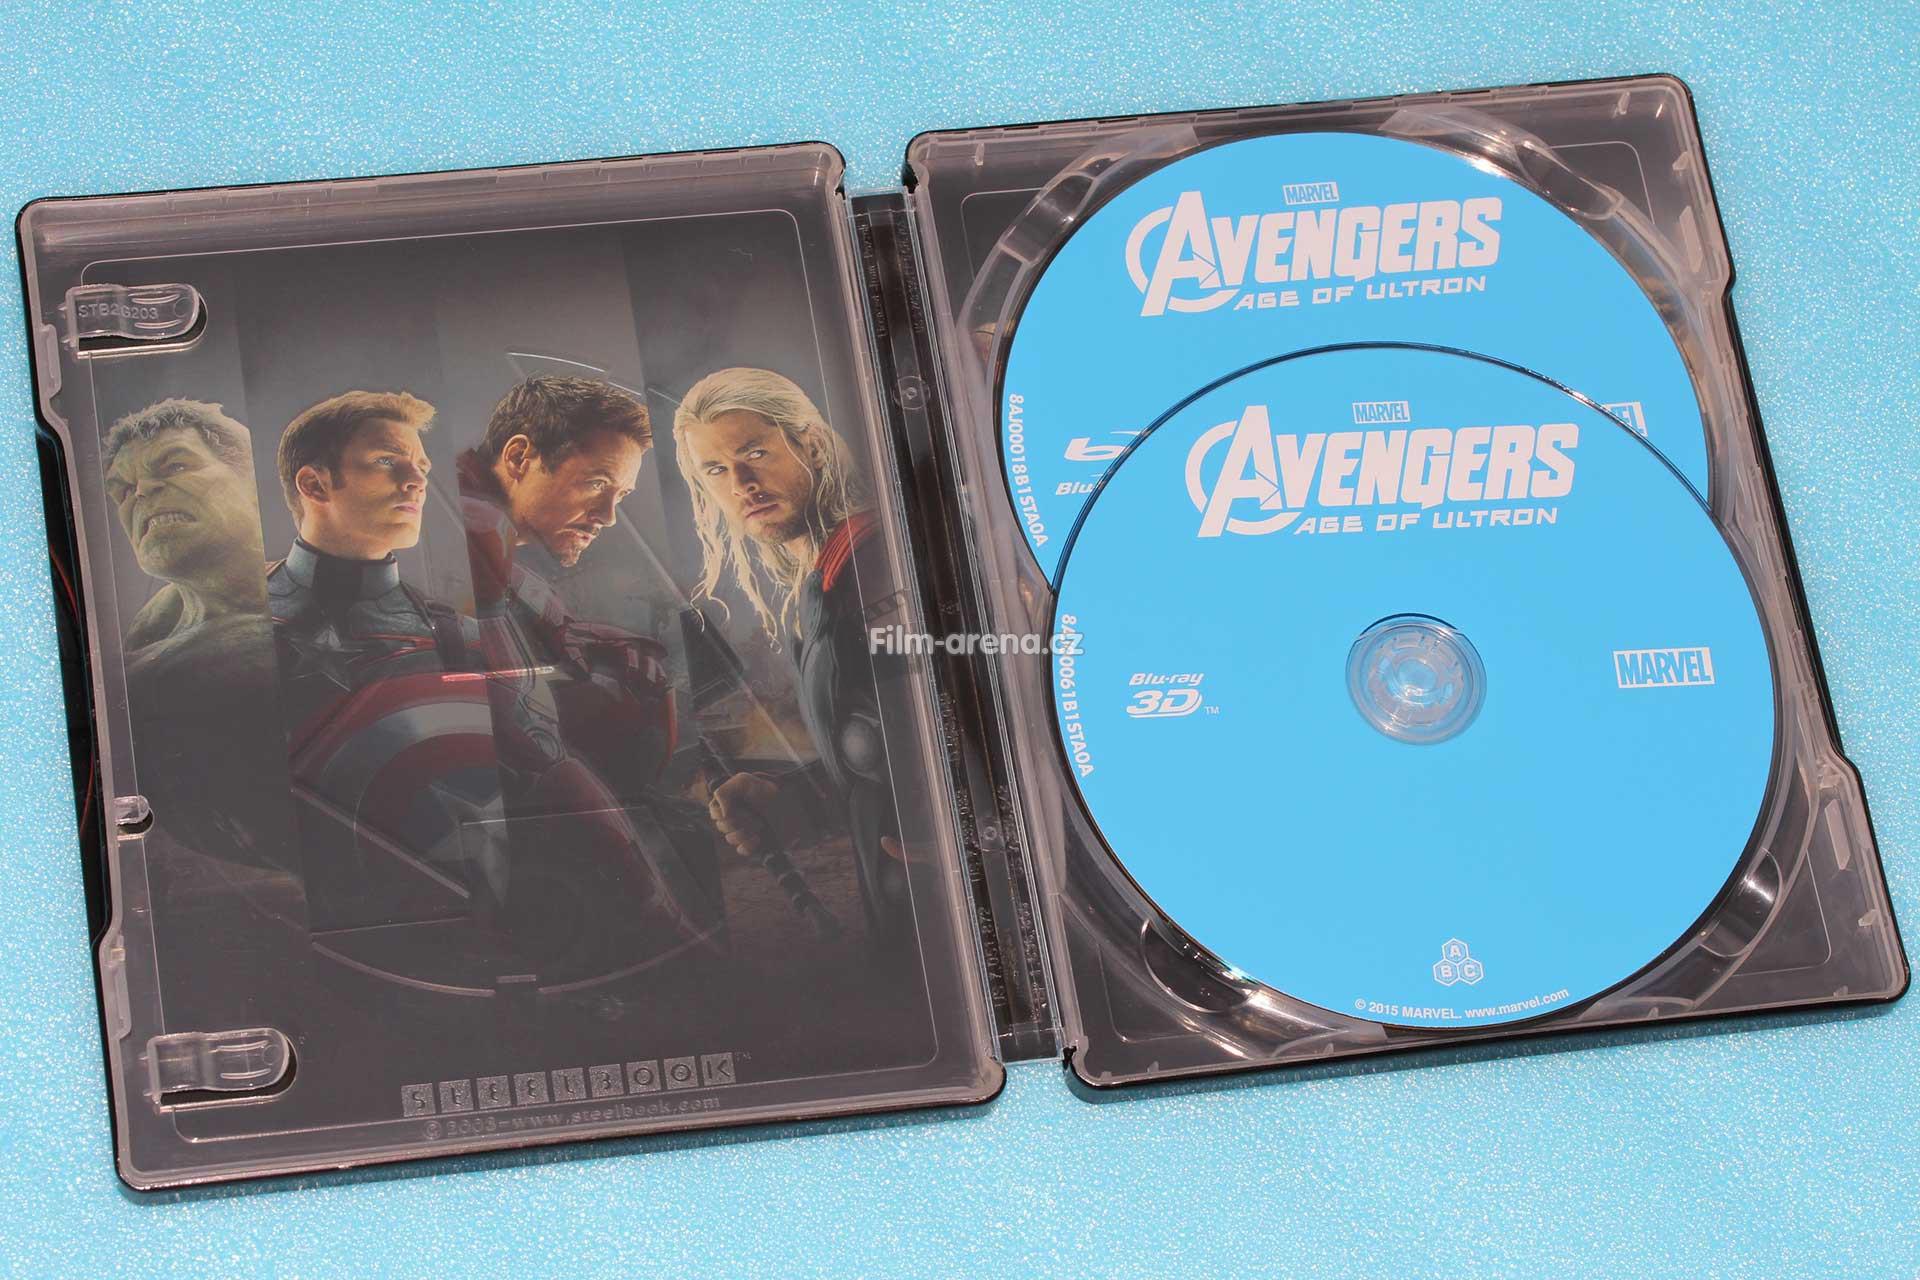 http://www.filmarena.cz/upload/images/nazivo/Avengers_2/avengers_04.jpg